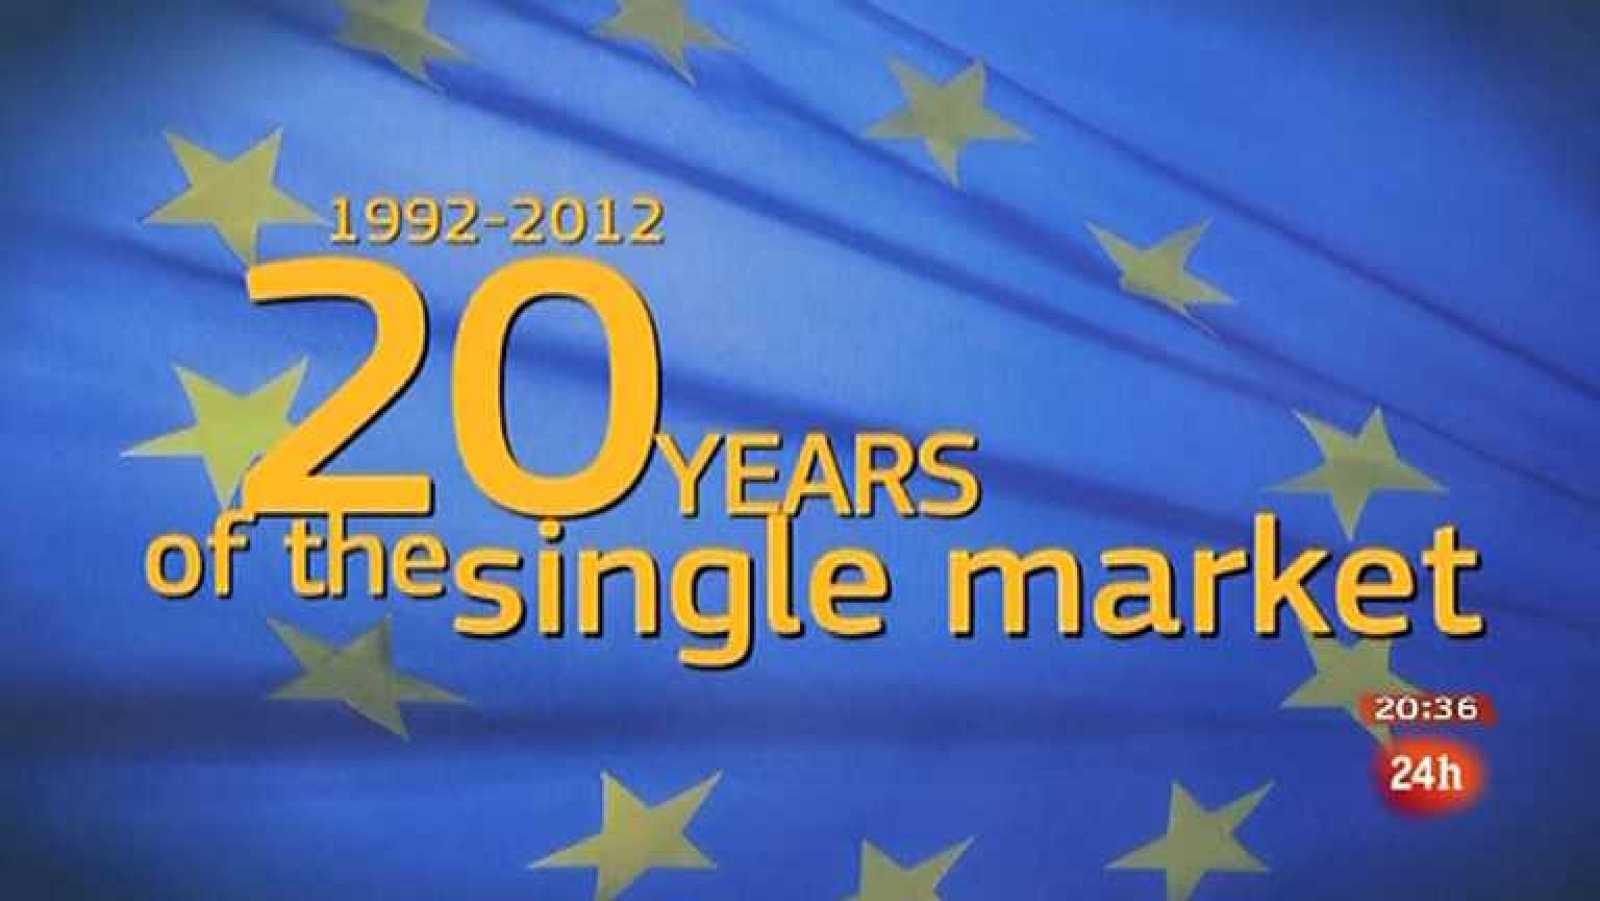 Europa 2012 - 19/10/12 - Ver ahora